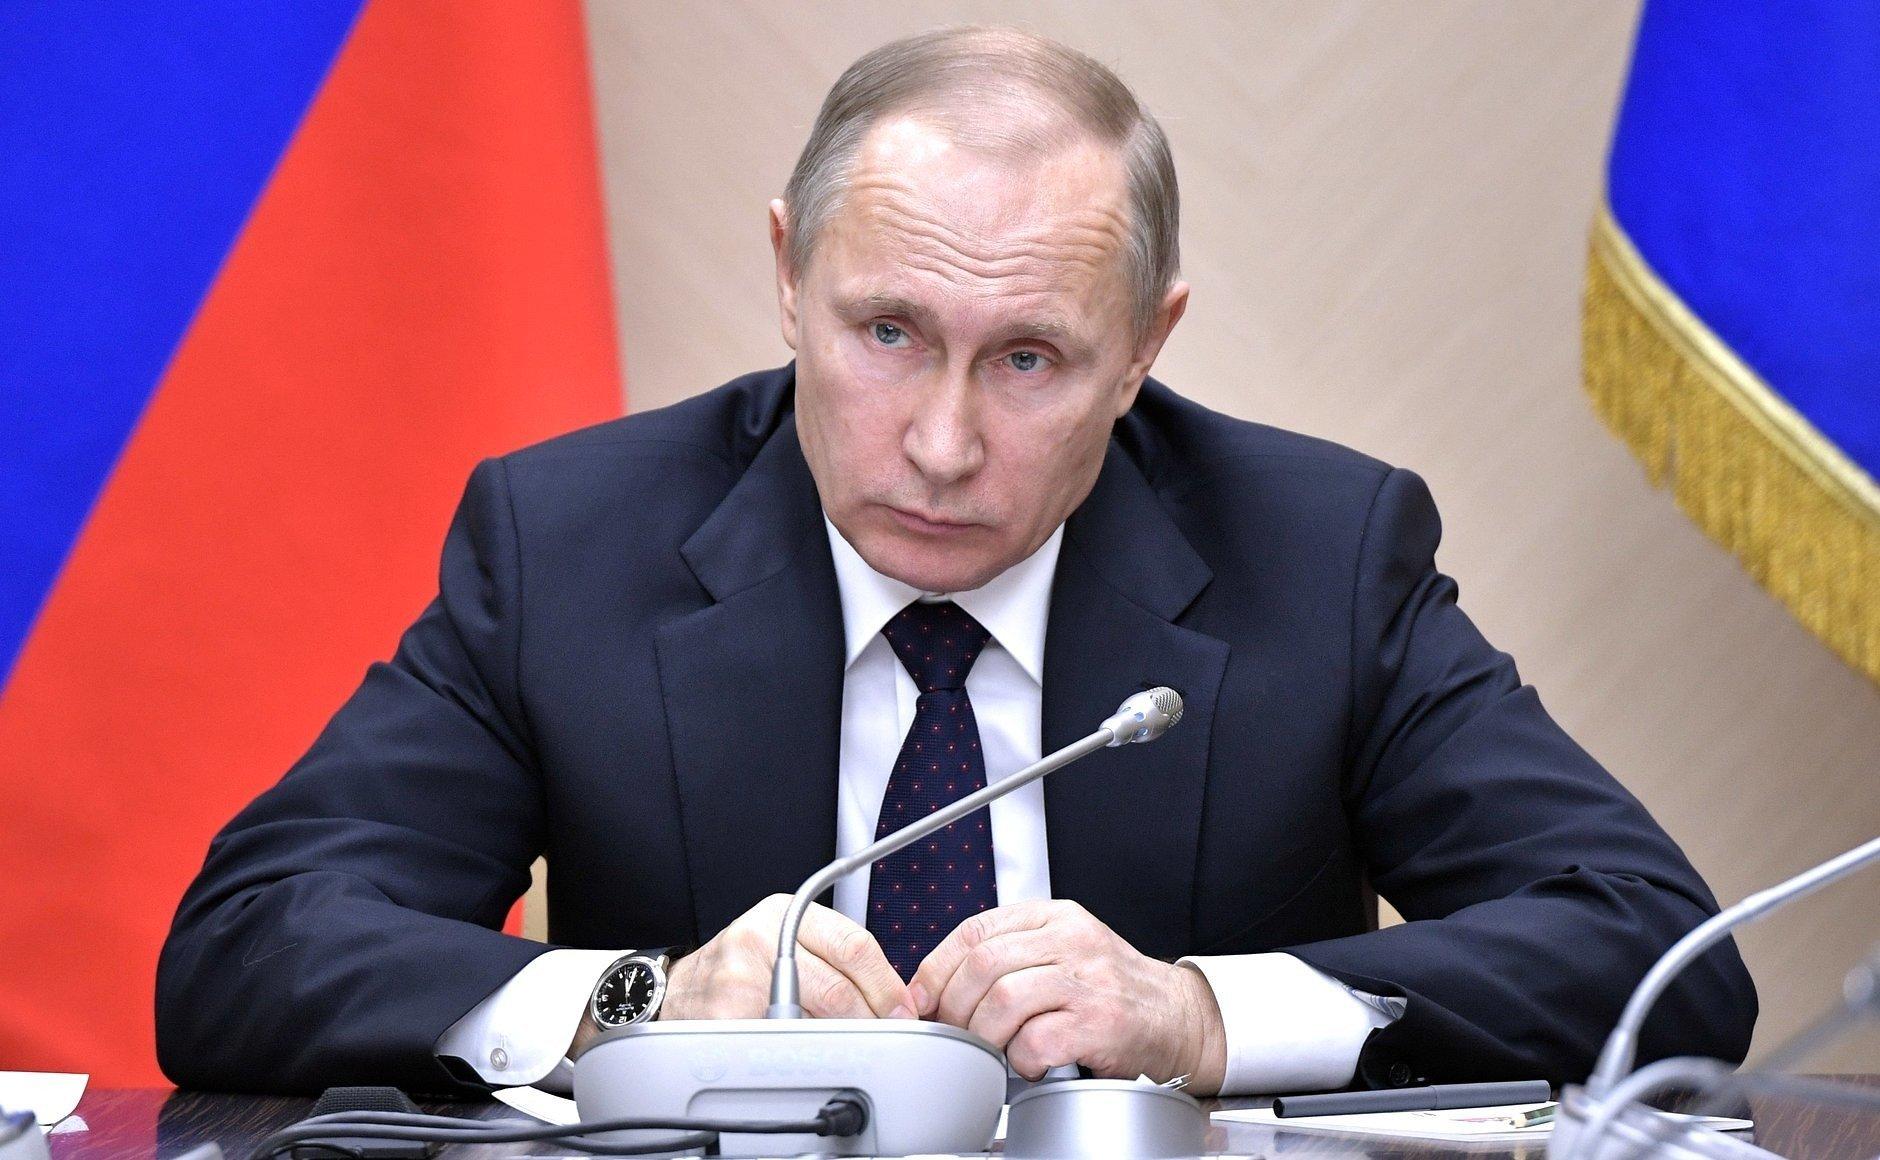 Кто заменит Путина, когда он уйдет?